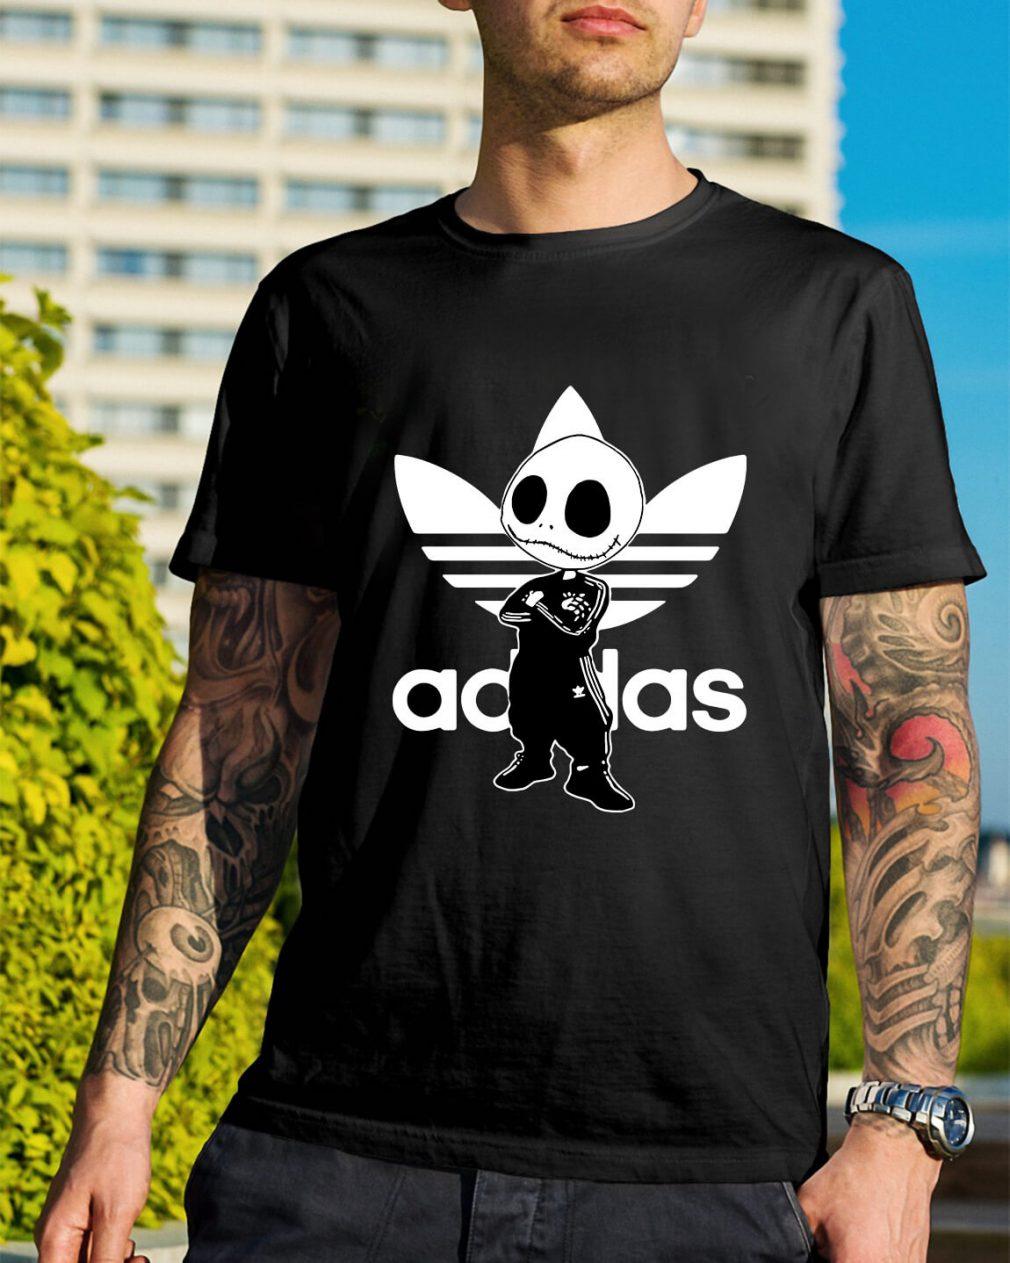 Jack Skellington Adidas shirt